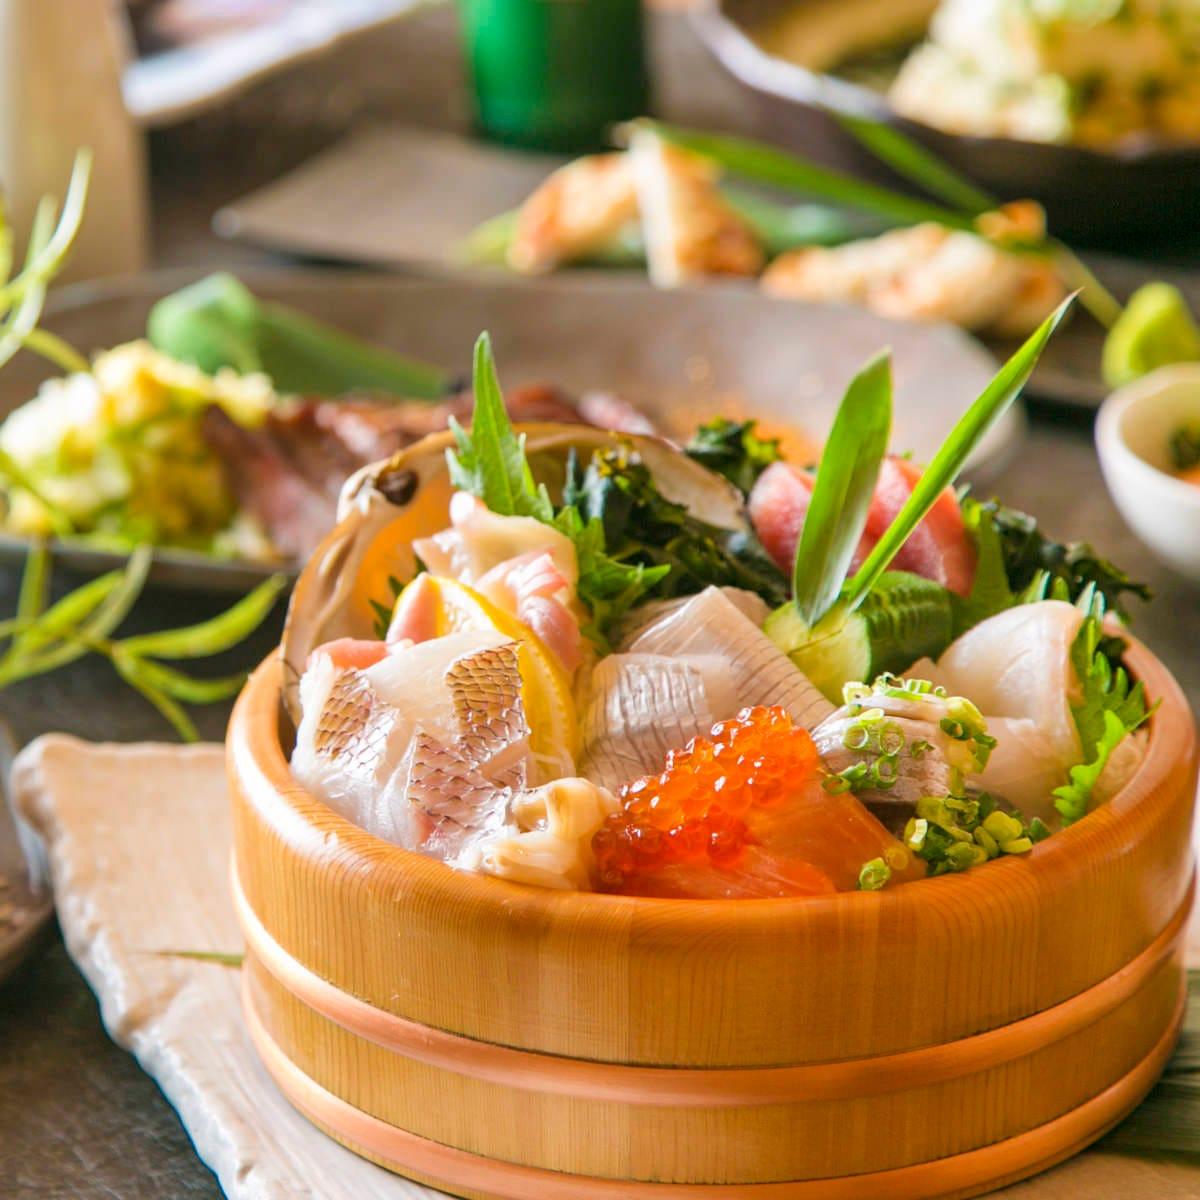 横浜エリア新鮮No,1★宣言!羽田市場の新鮮な魚介を心をこめて♪